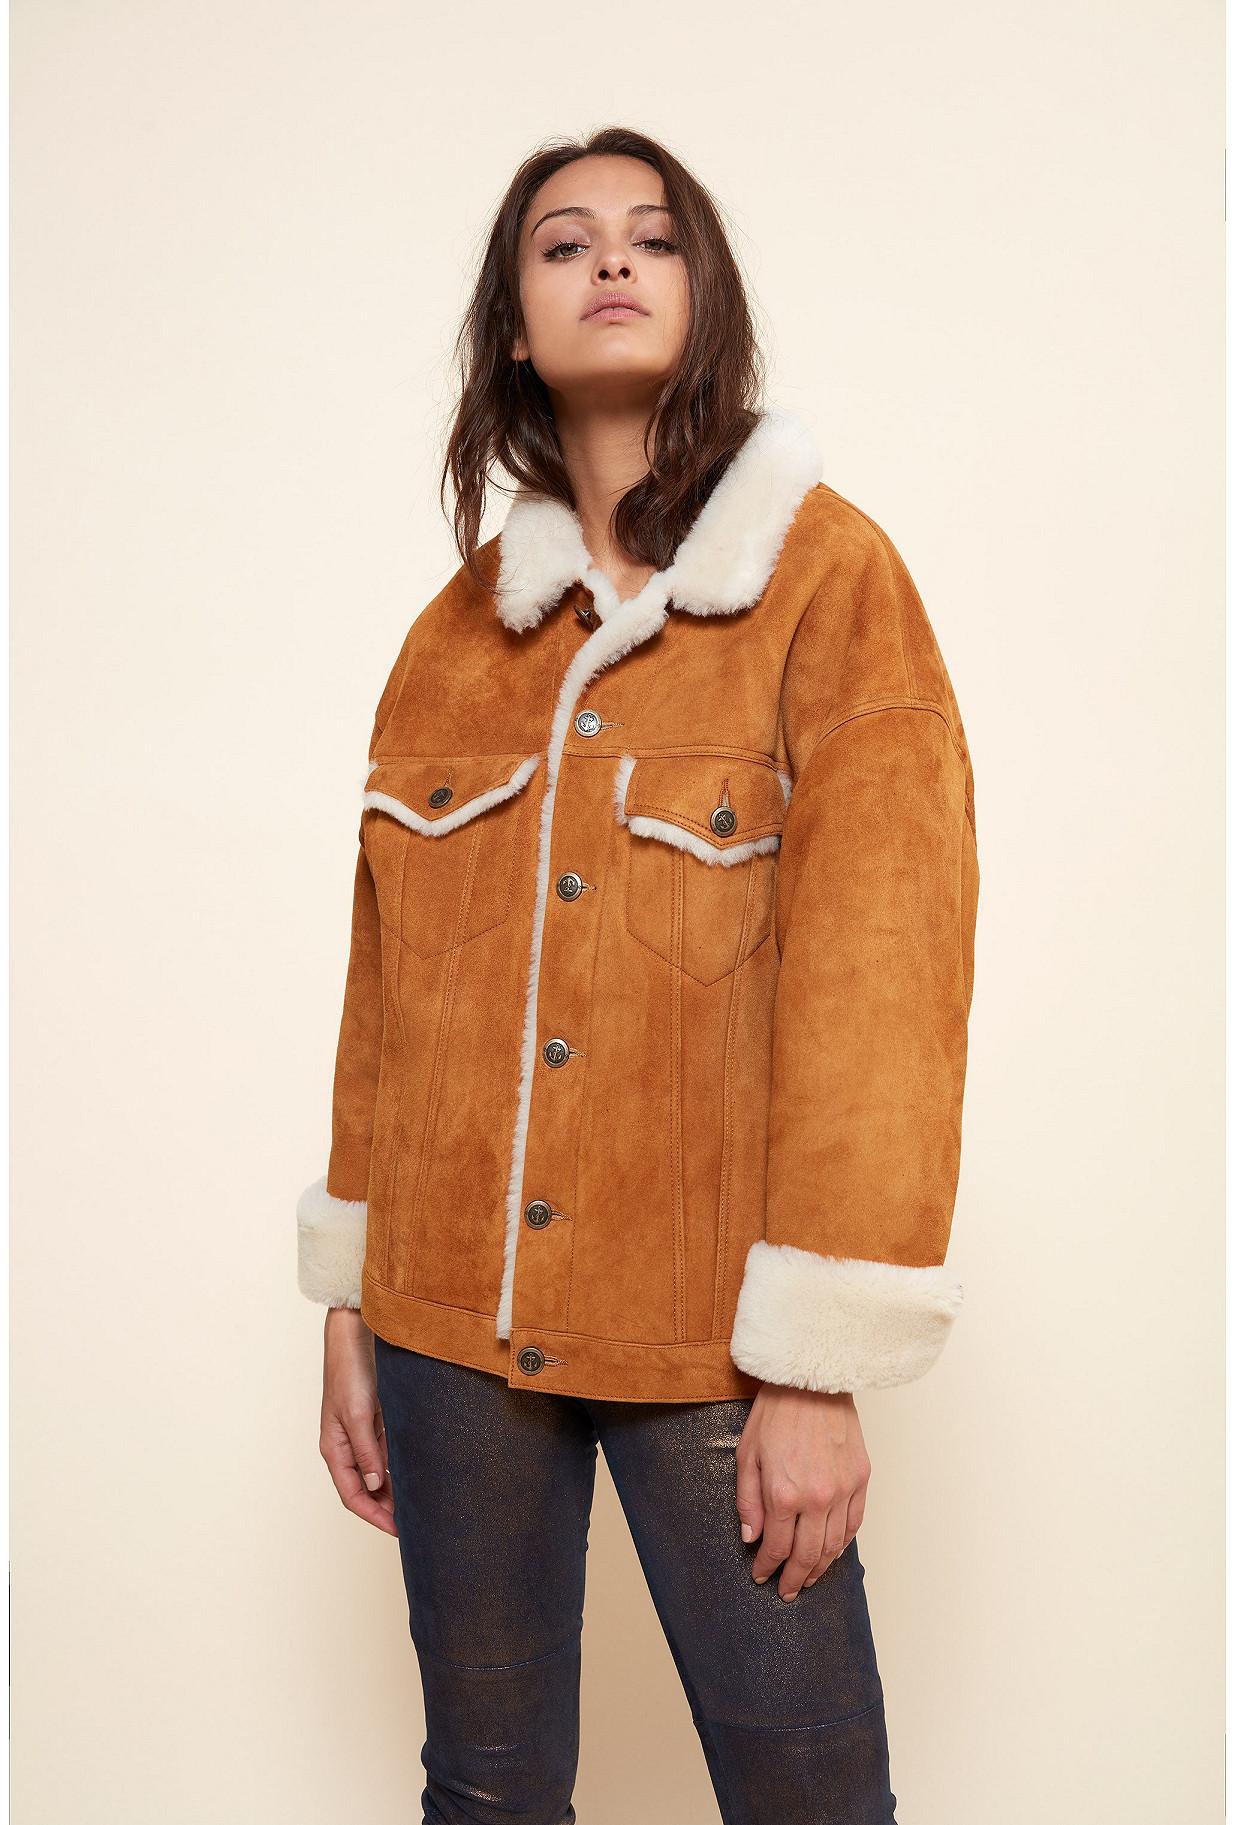 Veste Boheme Chic : boutique de veste femme lady lad mode createur paris ~ Melissatoandfro.com Idées de Décoration